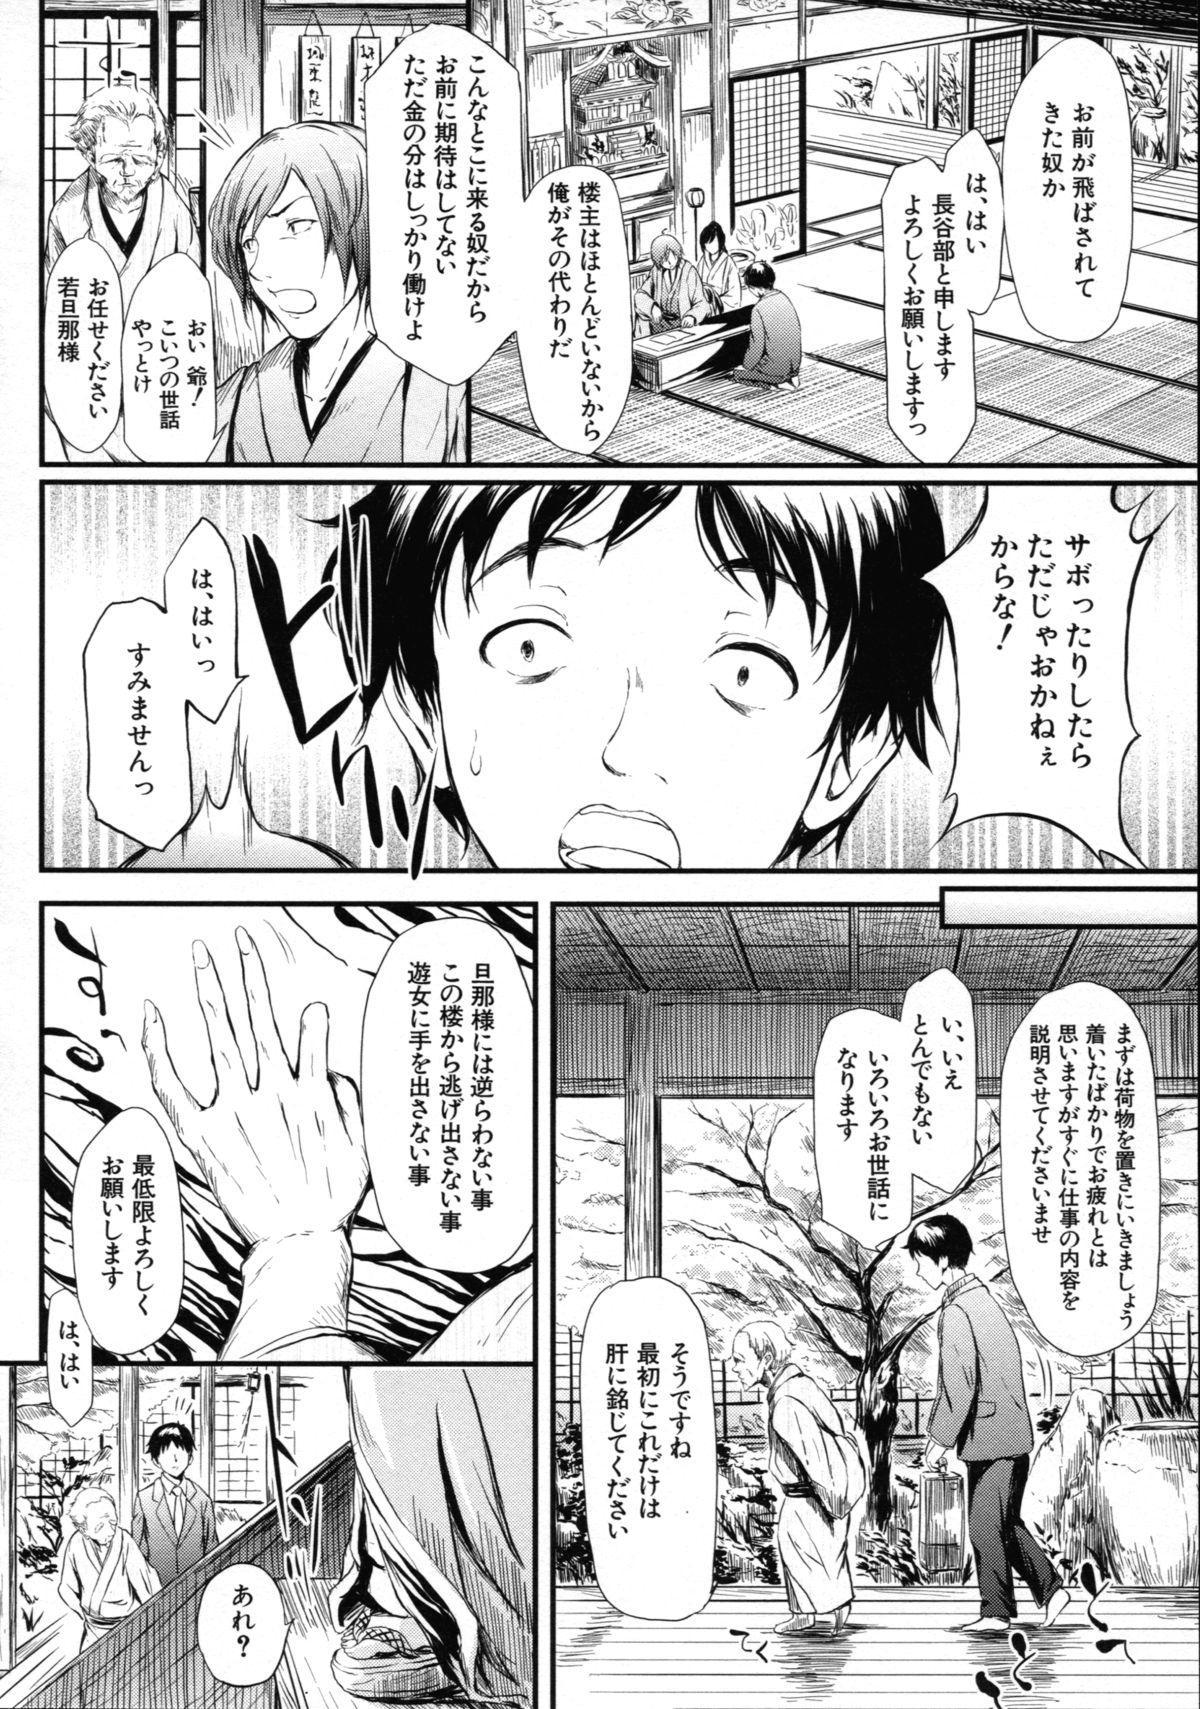 [Shiki Takuto] Tokoharu no Shoujo-tachi - The Girls in the Eternal Spring 15